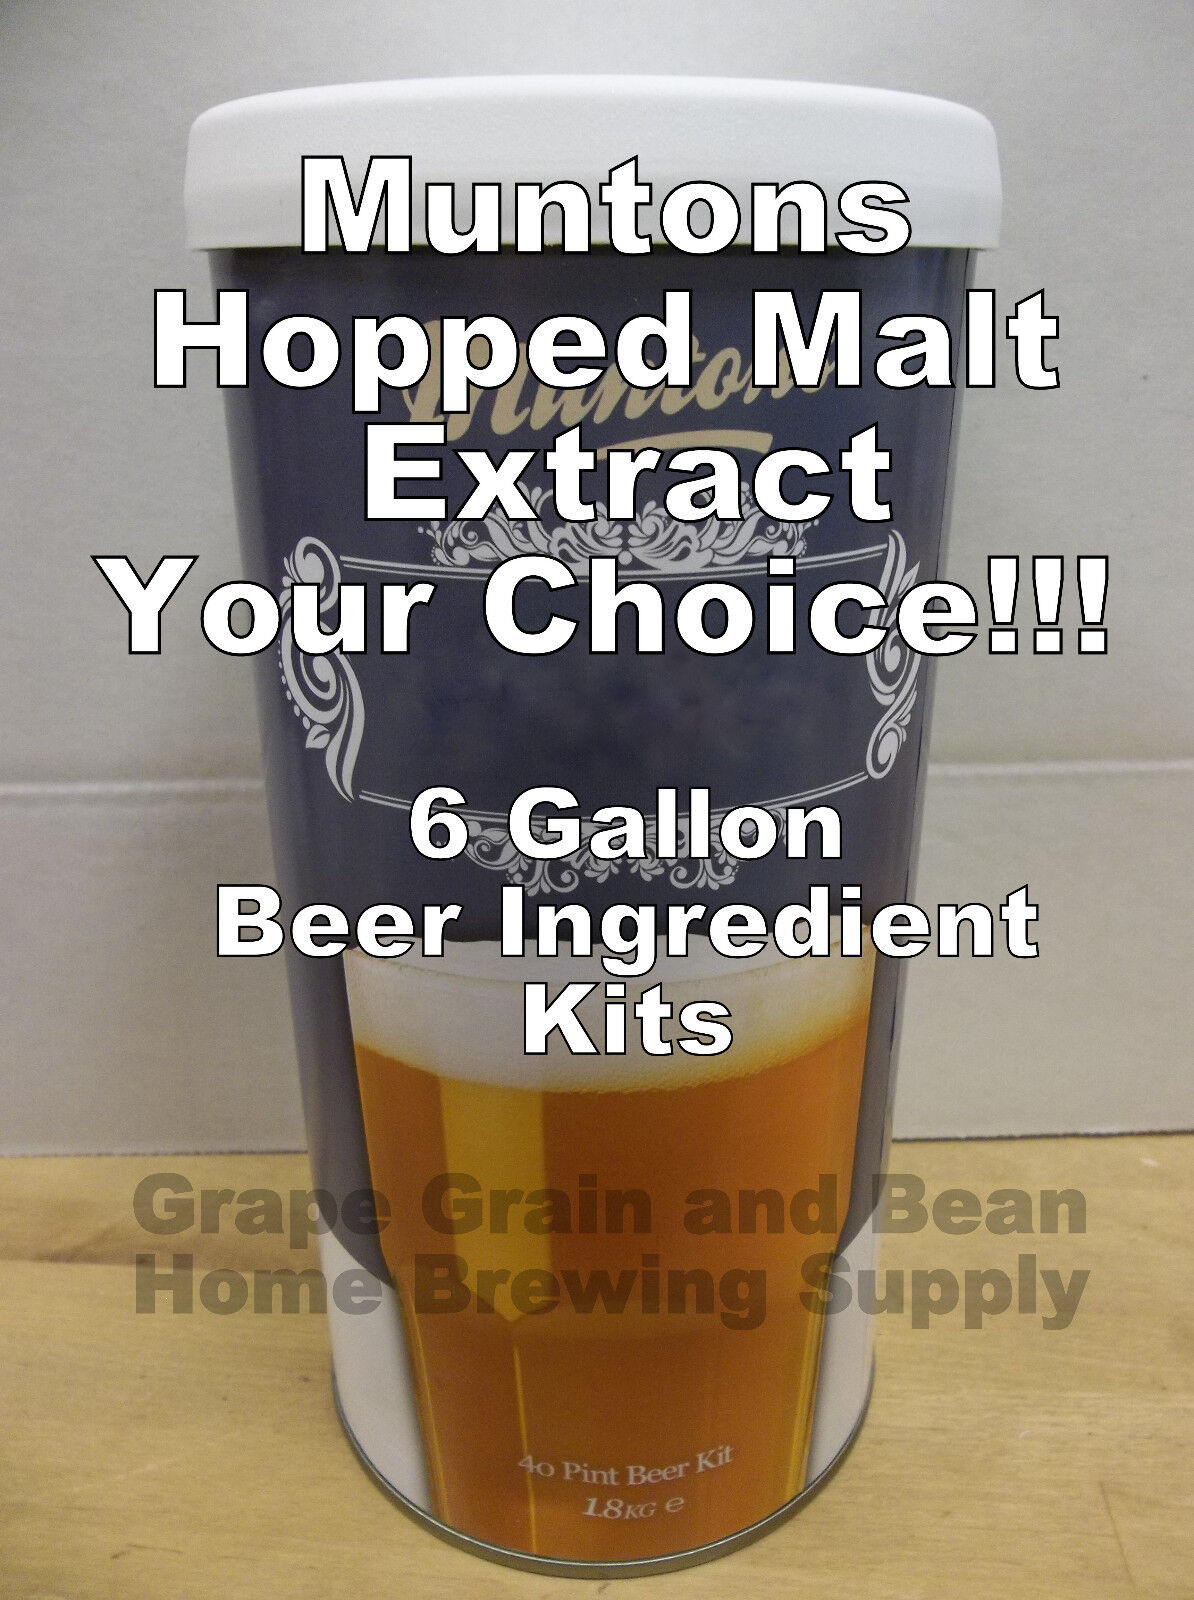 $26.25 - Muntons Beer Ingredient Kits, Hopped Beer Kits, 6 Gallon Beer Making Ingredients